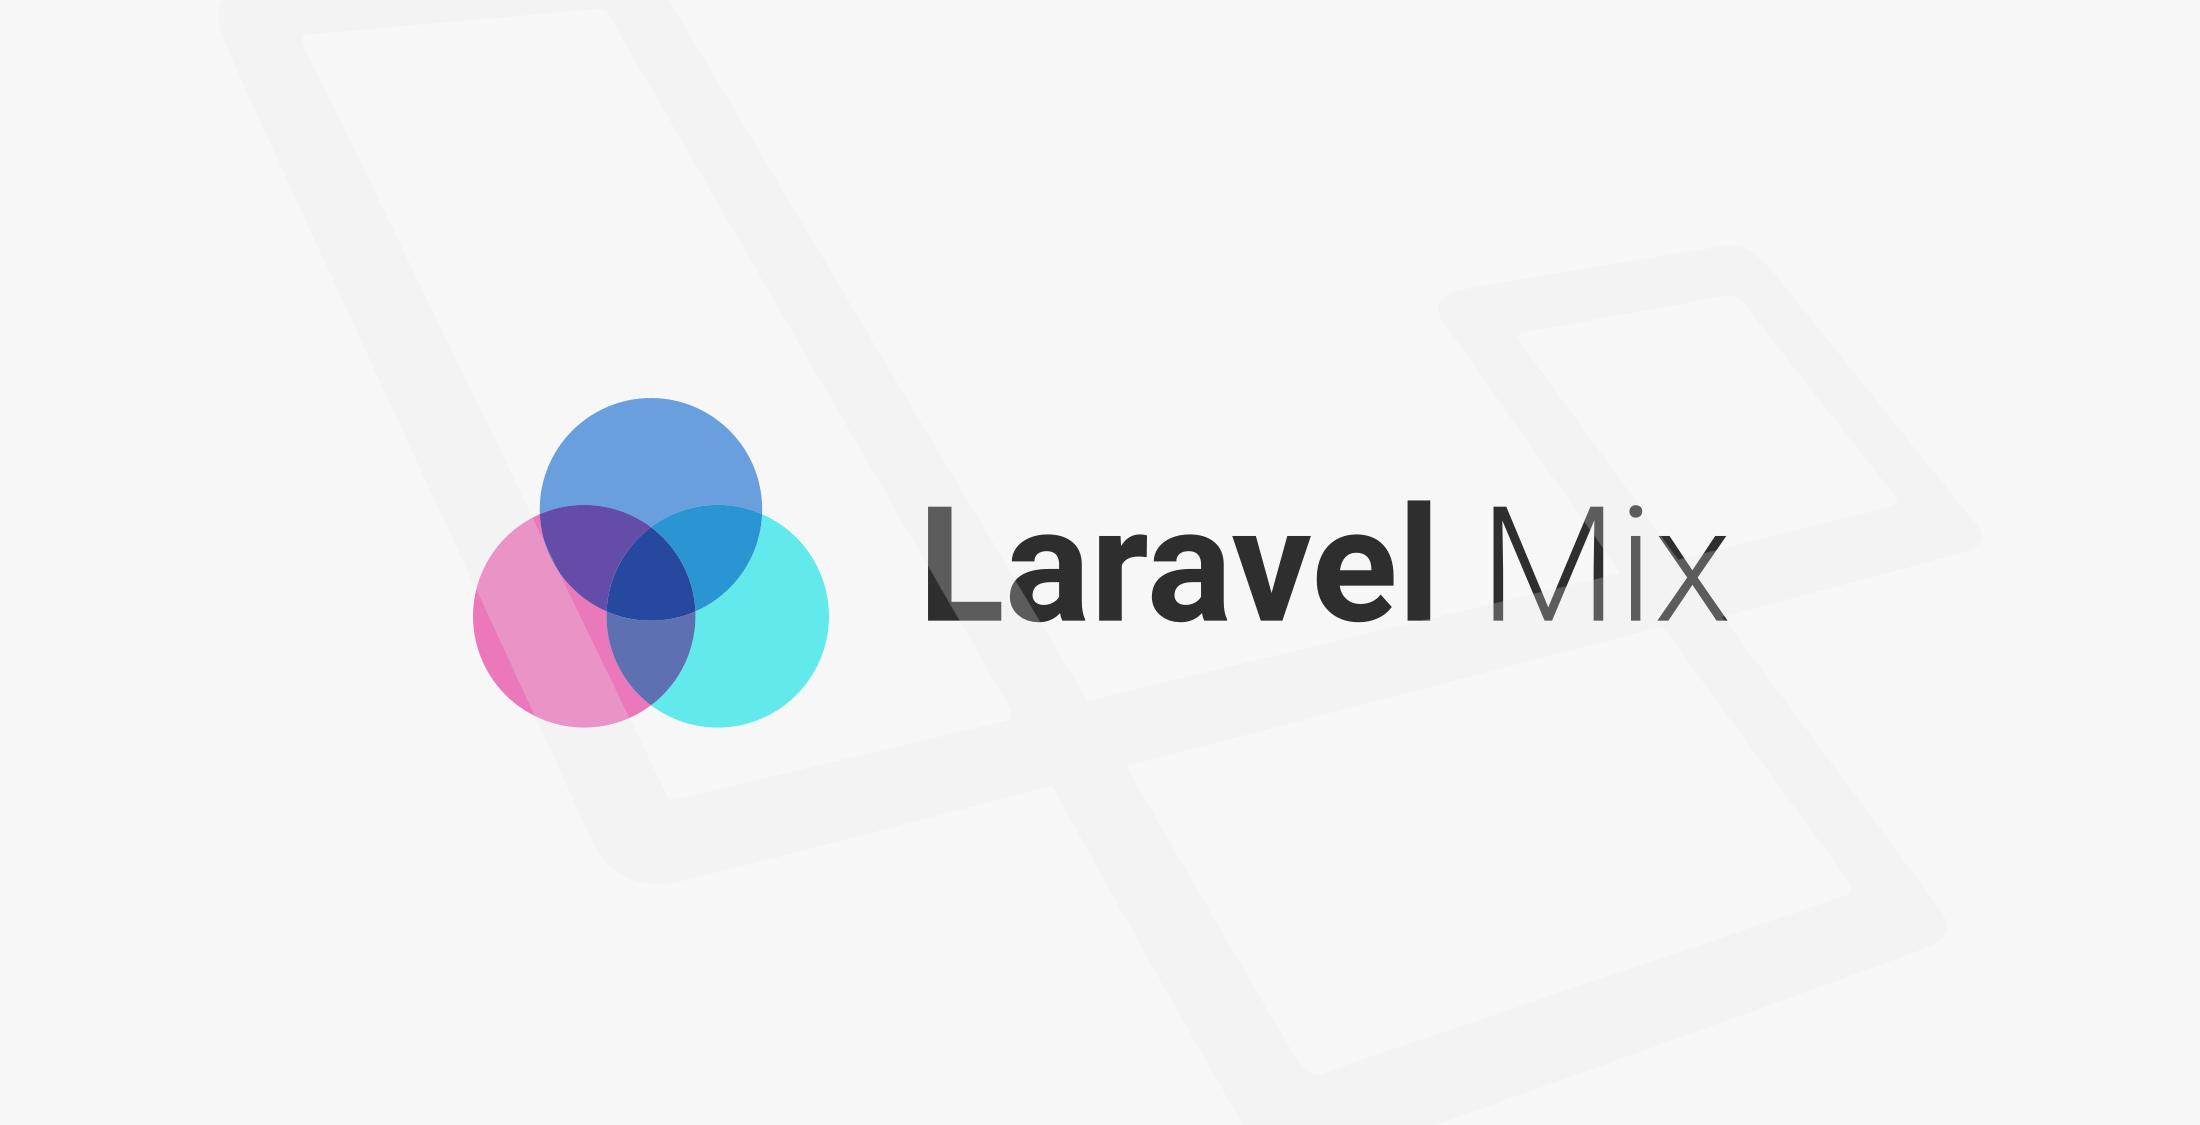 روش استفاده از لاراول میکس در پروژه های غیر لاراولی